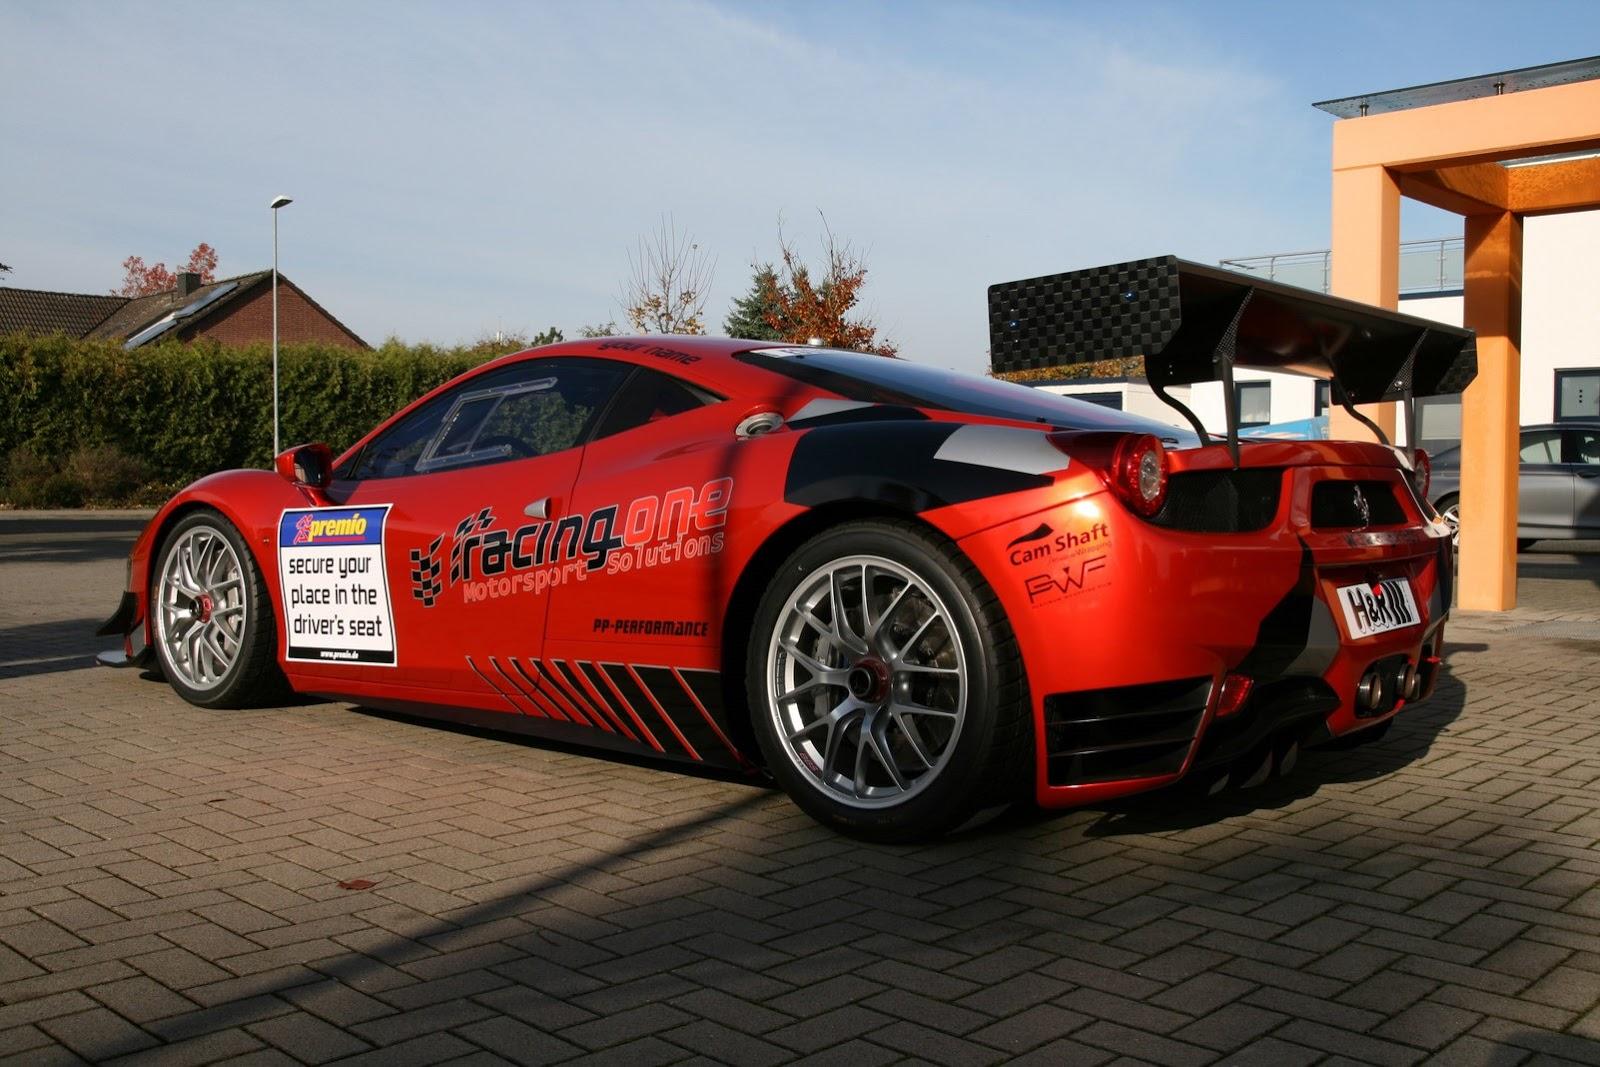 http://lh5.ggpht.com/-ITTaFr8ntdU/UpNowuoDb-I/AAAAAAAPQB4/EbynMO_3vcs/s1600/Ferrari-Competition-458-3%25255B2%25255D.jpg